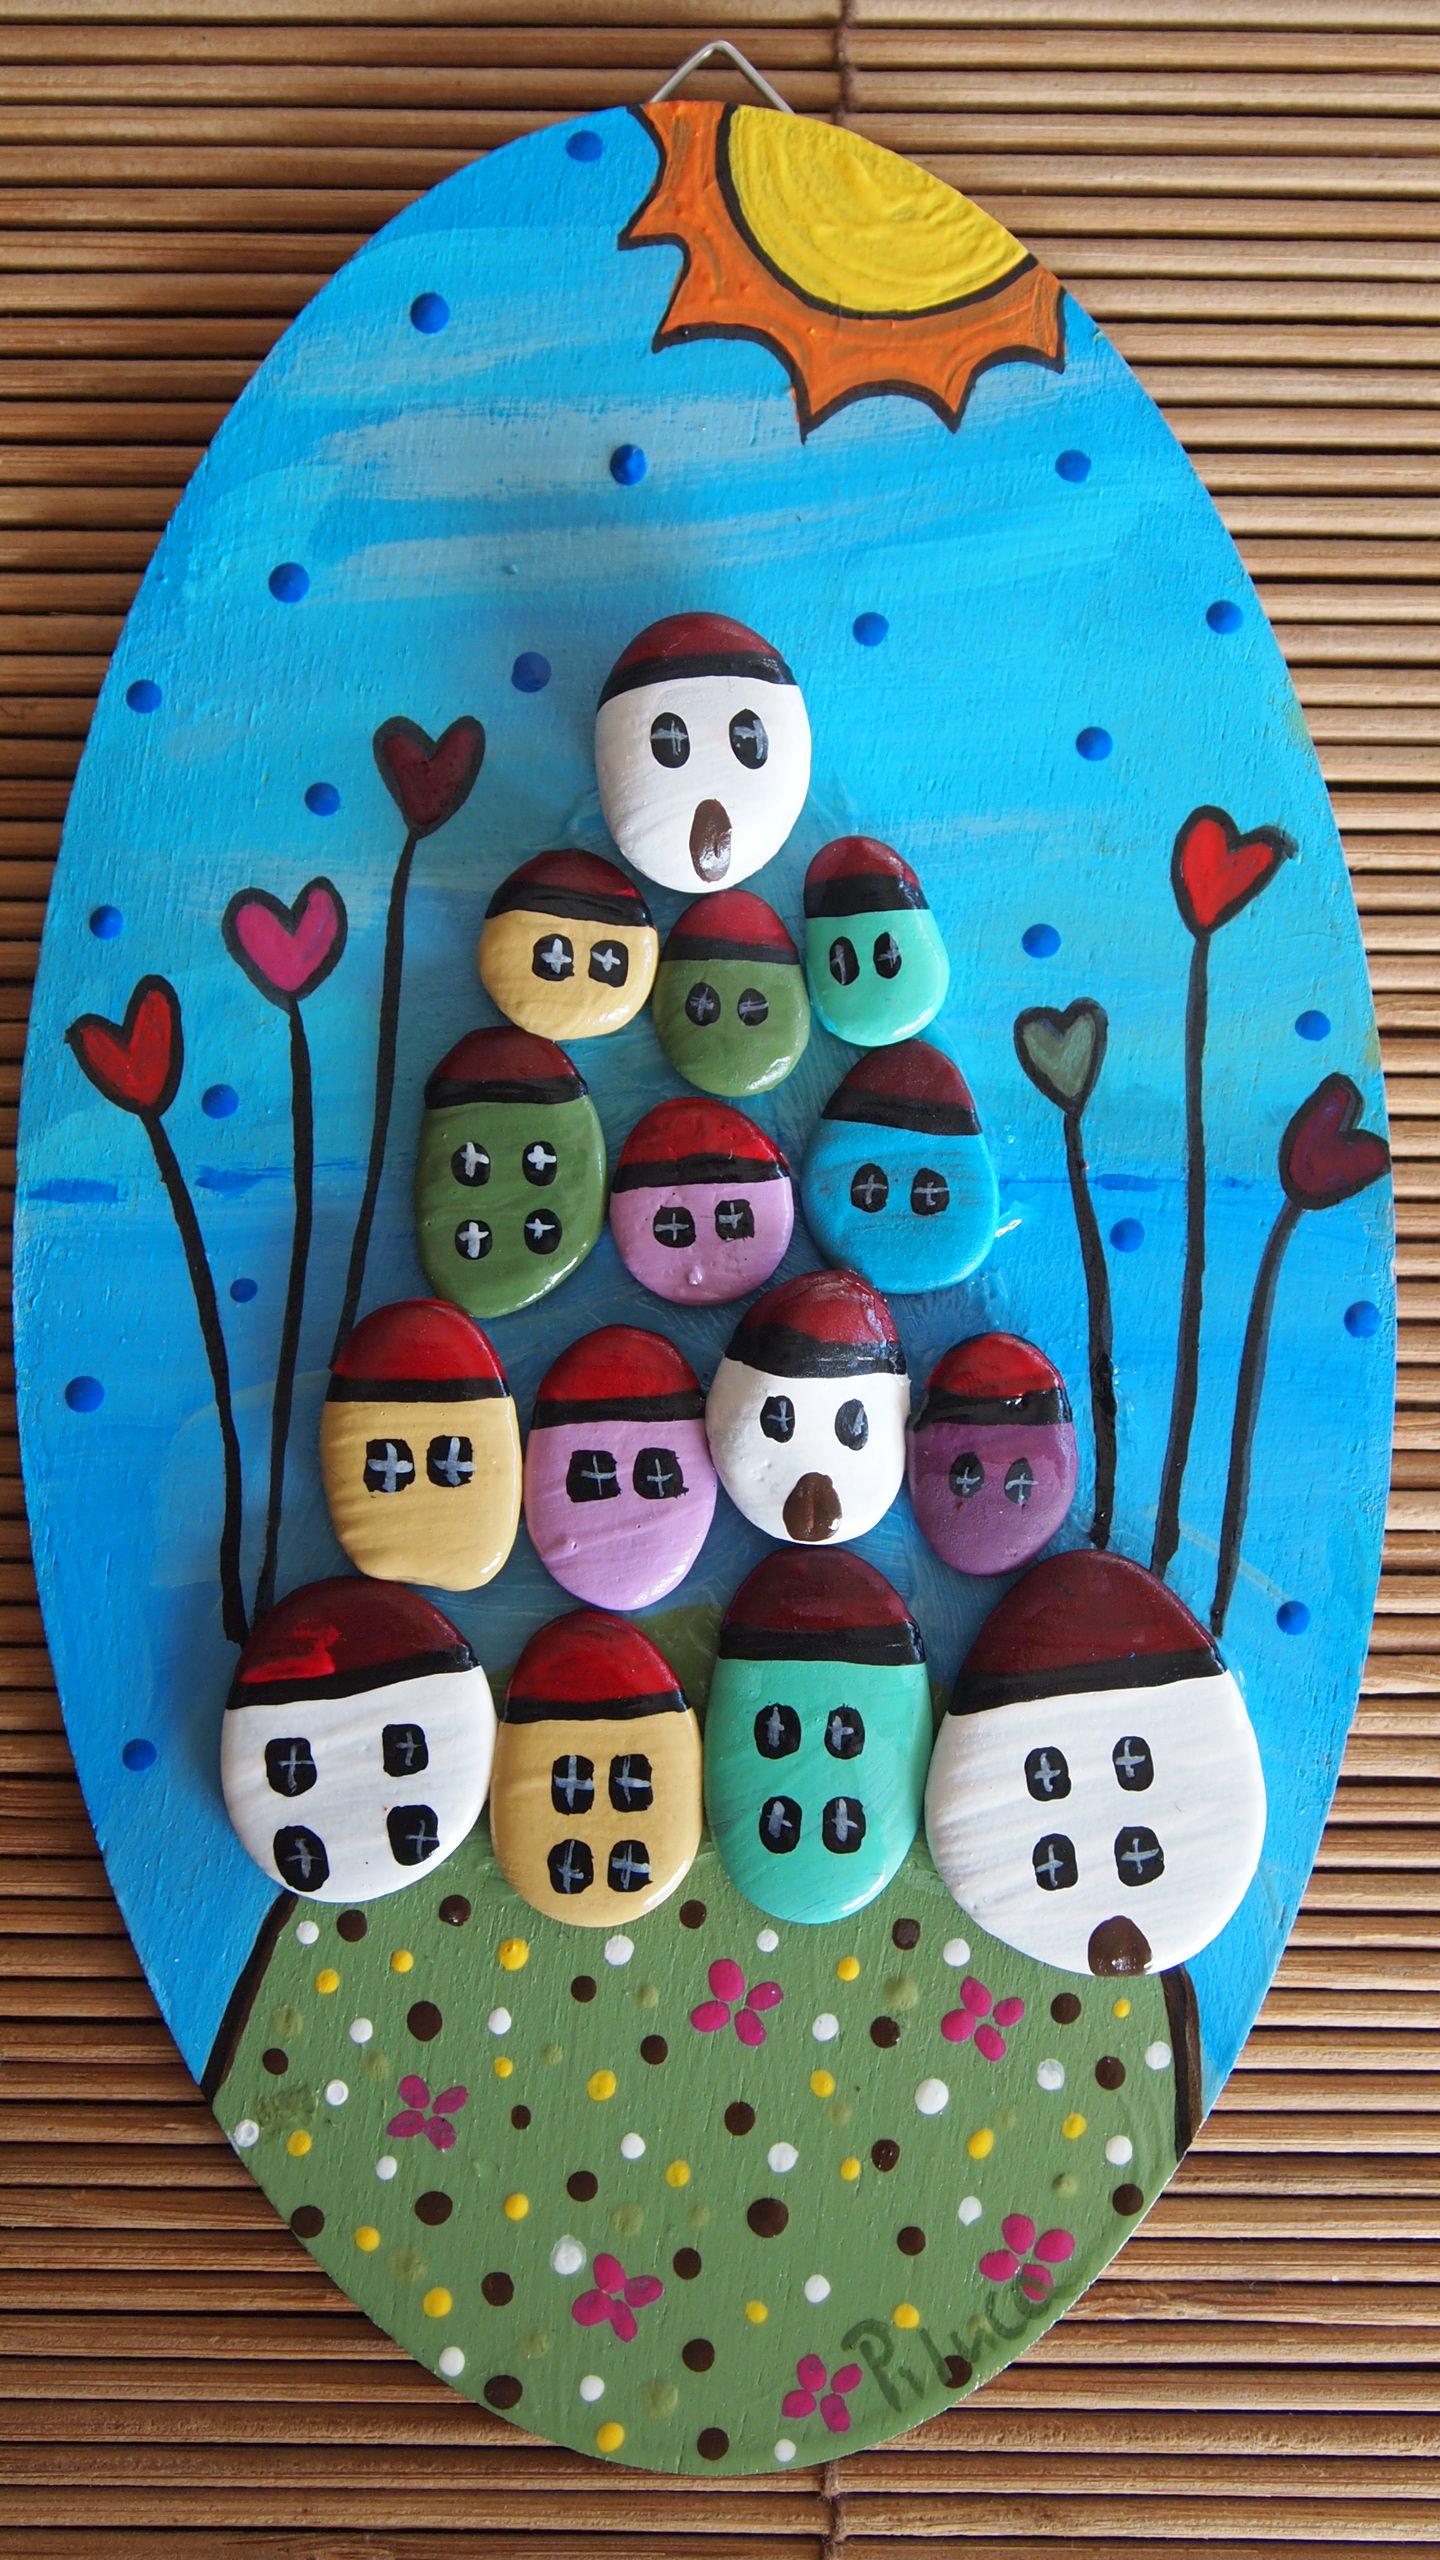 Piedras pintadas a mano faciles buscar con google - Piedras de rio pintadas ...